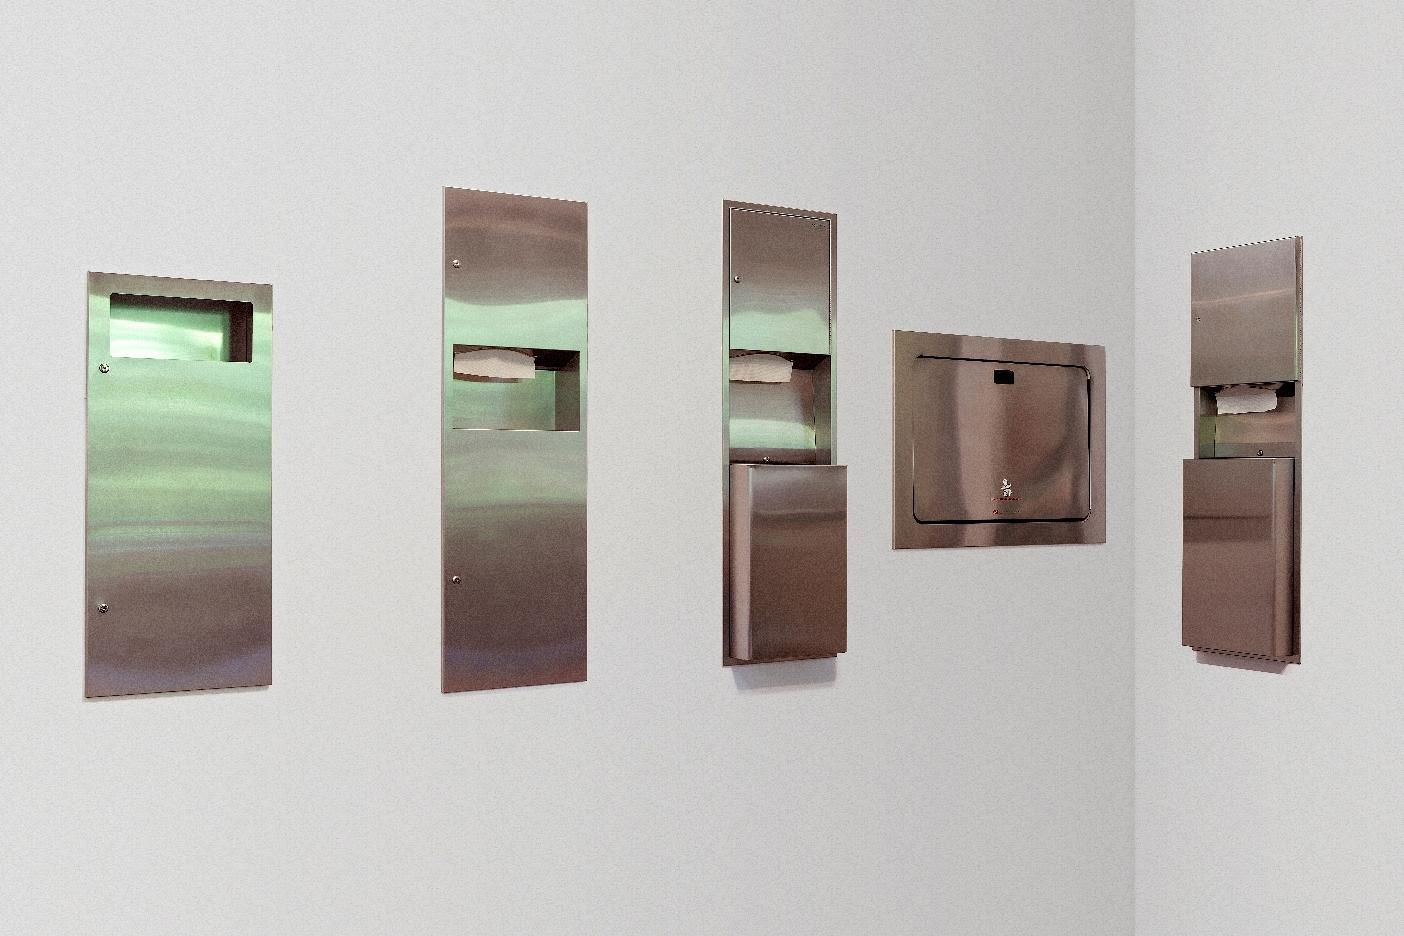 Primul showroom din Europa destinat grupurilor sanitare publice se deschide la Bucuresti - Primul showroom din